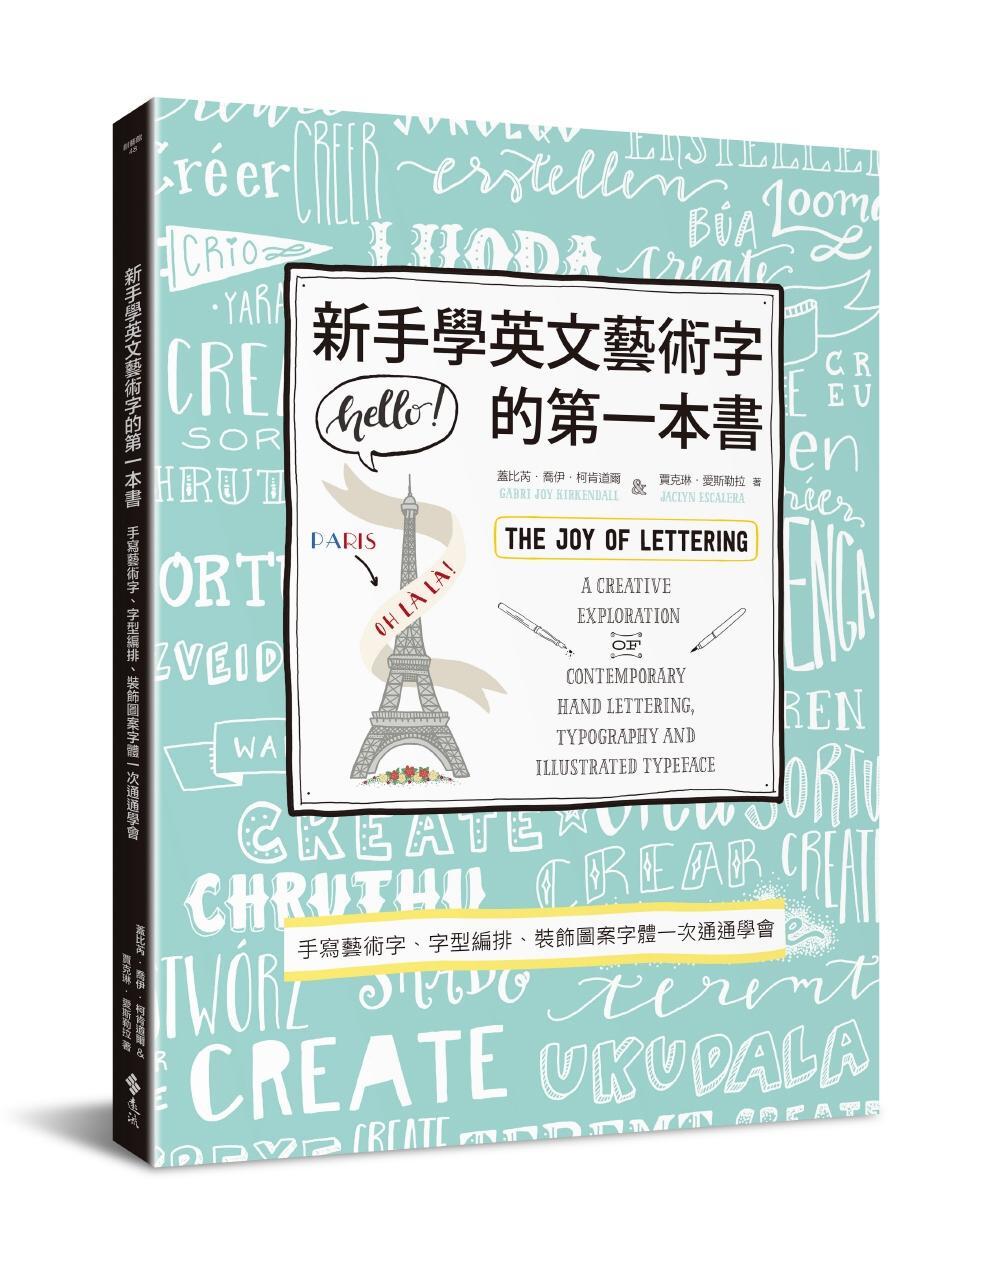 新手學英文藝術字的第一本書:手寫藝術字、字型編排、裝飾圖案字體一次通通學會 (博客來獨家限量ZIG 筆日和軟筆刷)